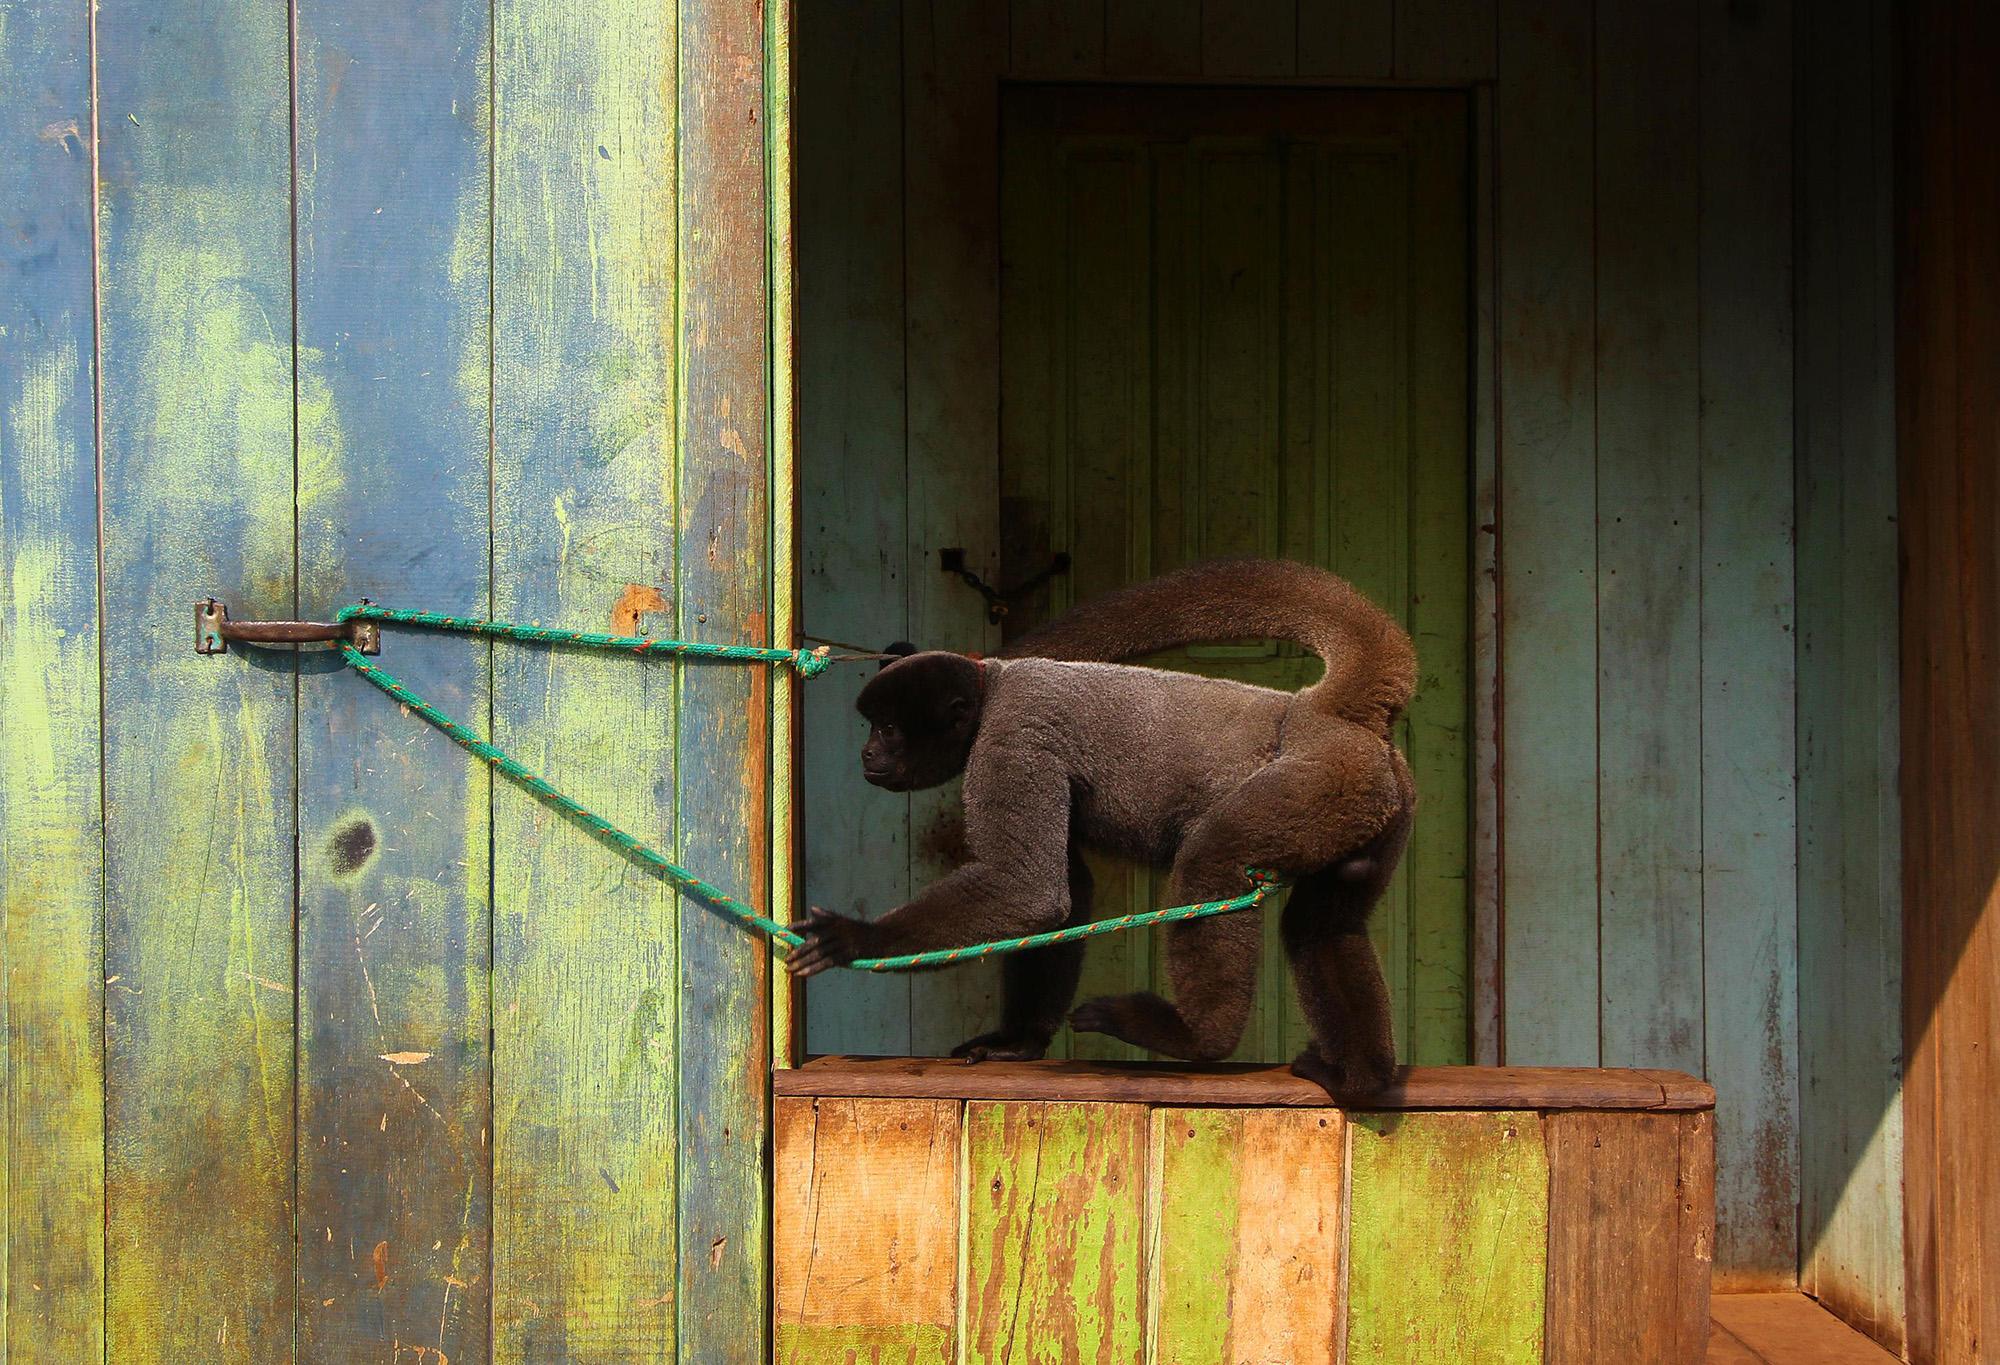 Centro de Triagem de Animais Silvestres em Manaus está lotado